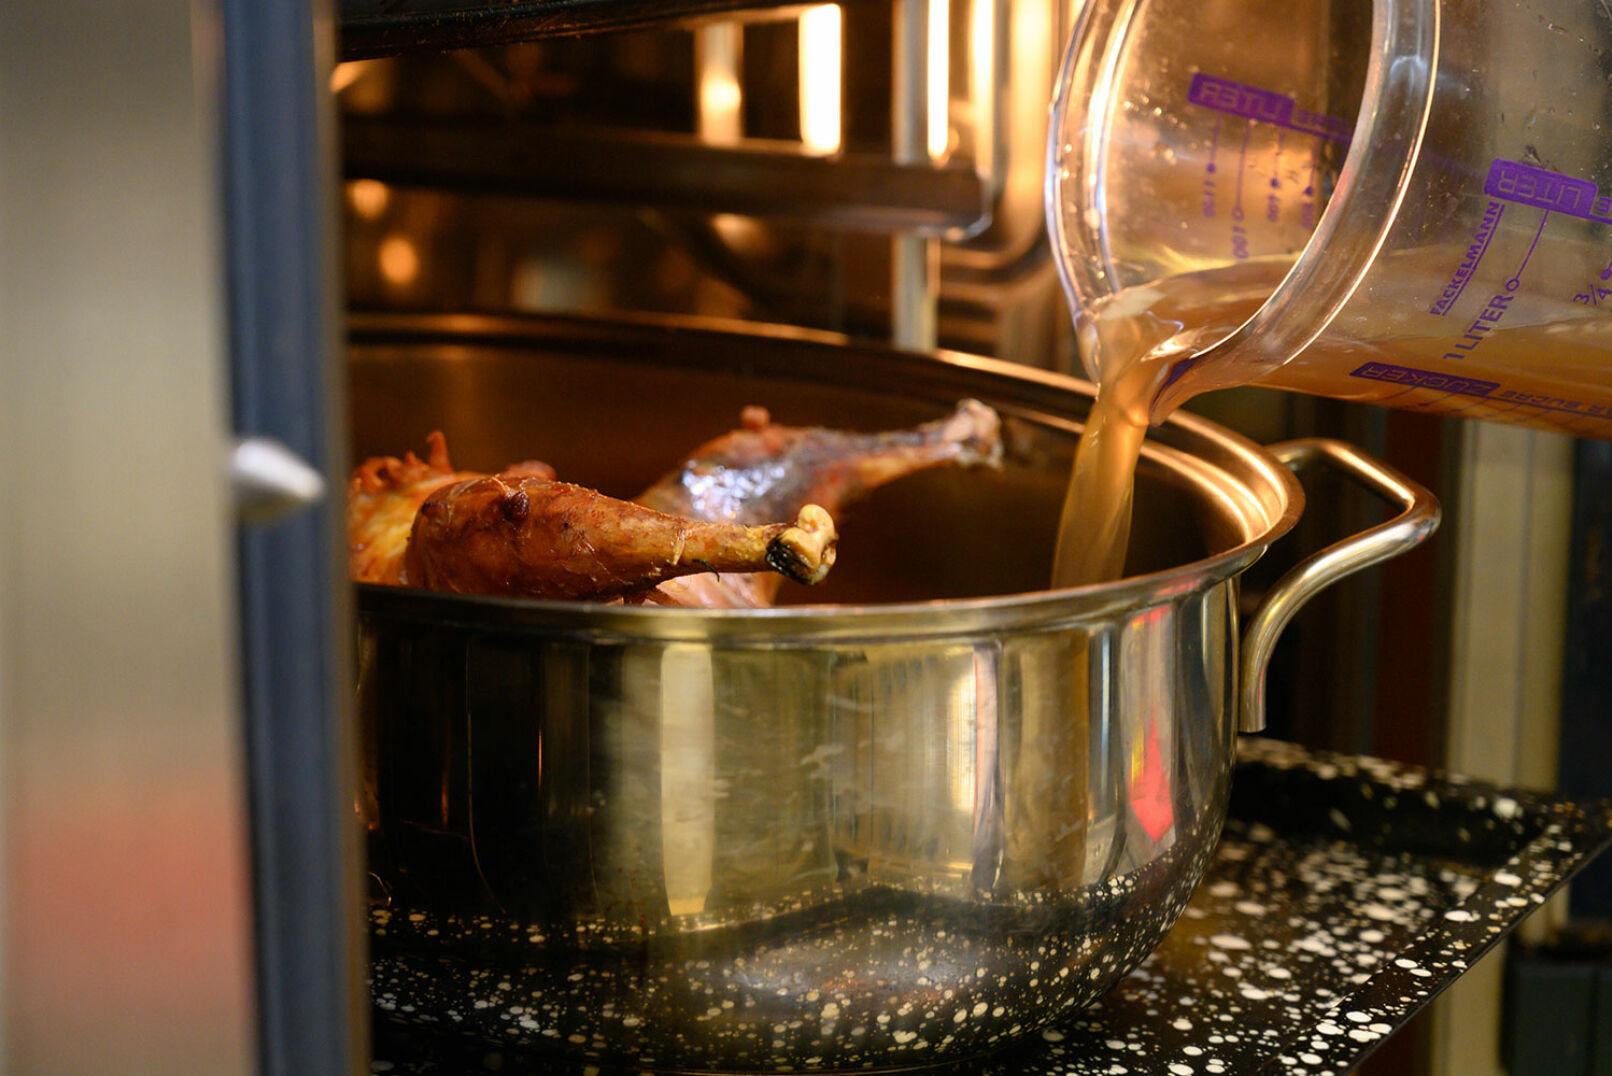 Immer wieder Suppe nachfüllen ... - © Barbara Marko